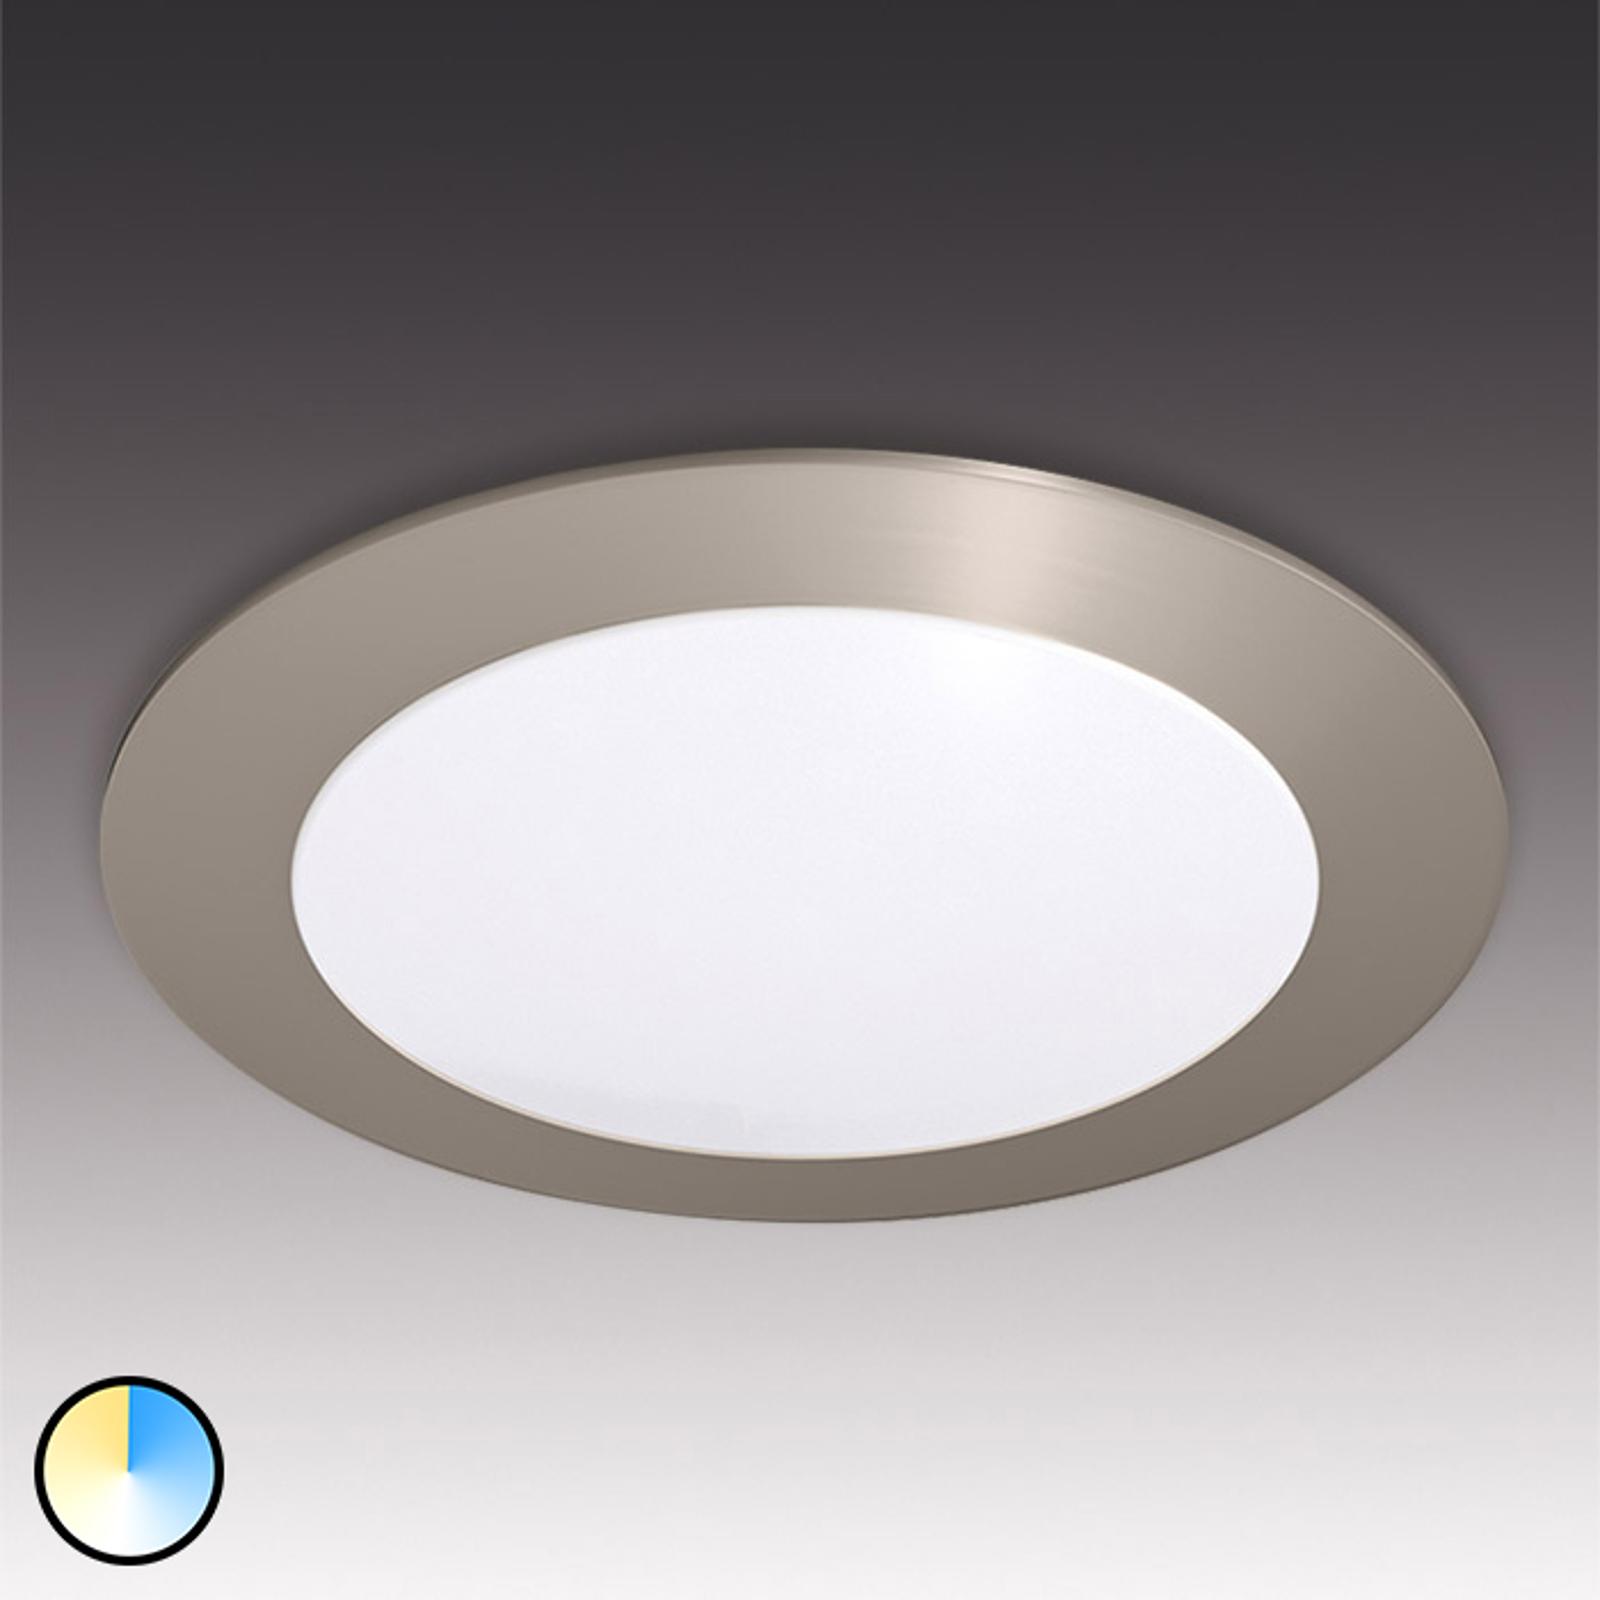 Lampe encastrable LED ronde Dynamic FR 68